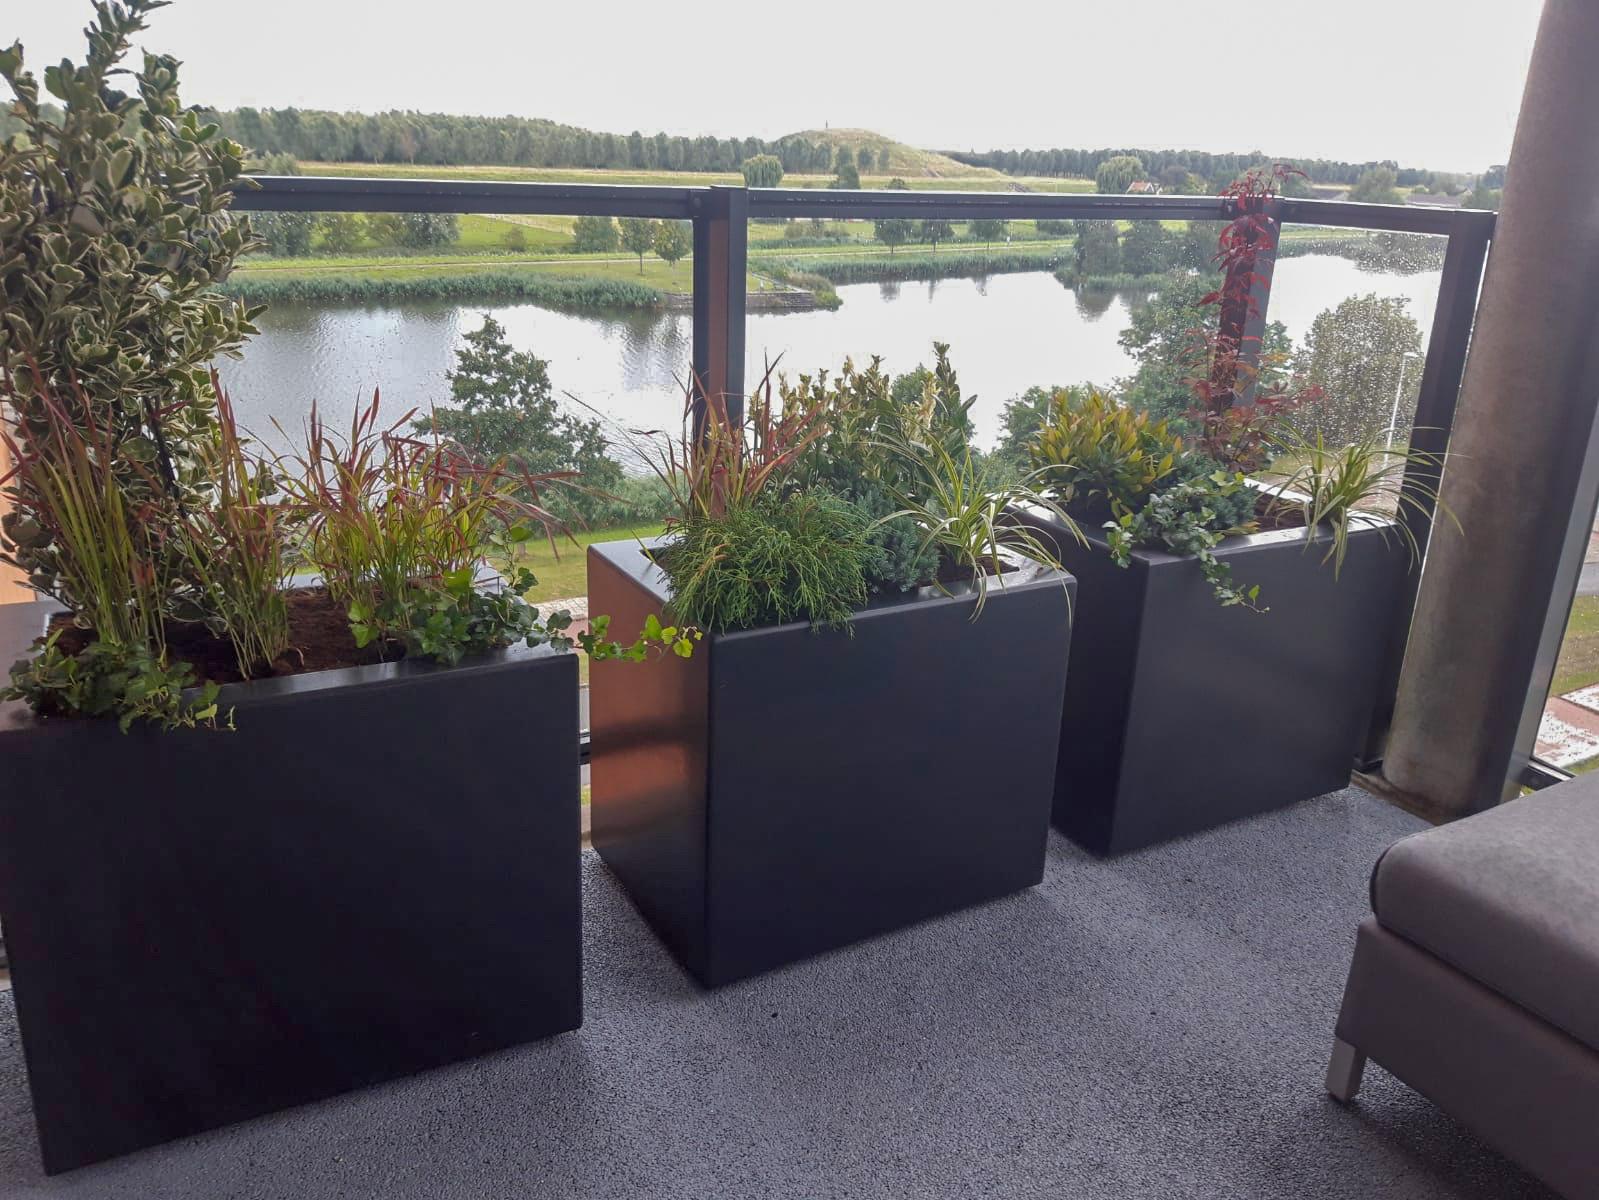 bloembakken op het balkon thuis